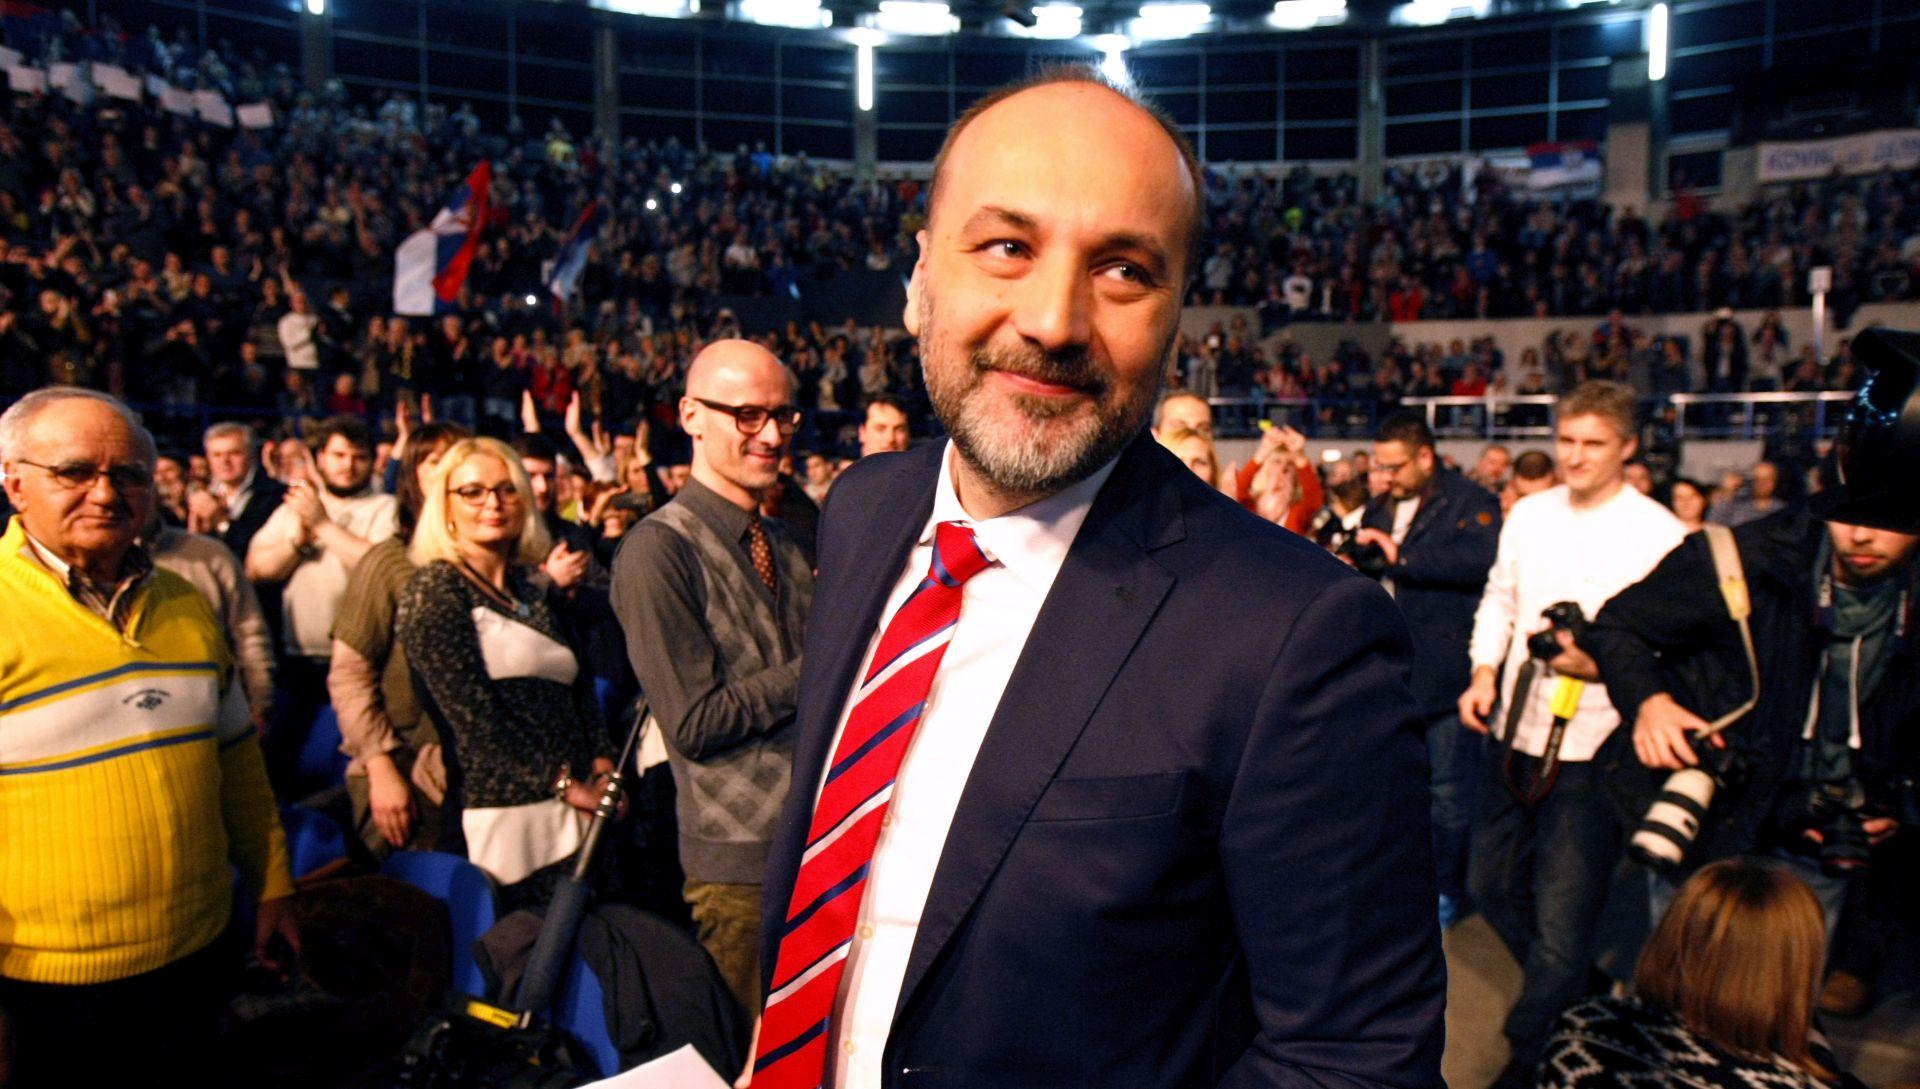 """Predsjednički kandidat Saša Janković osnovao politički pokret """"Slobodni građani Srbije"""""""